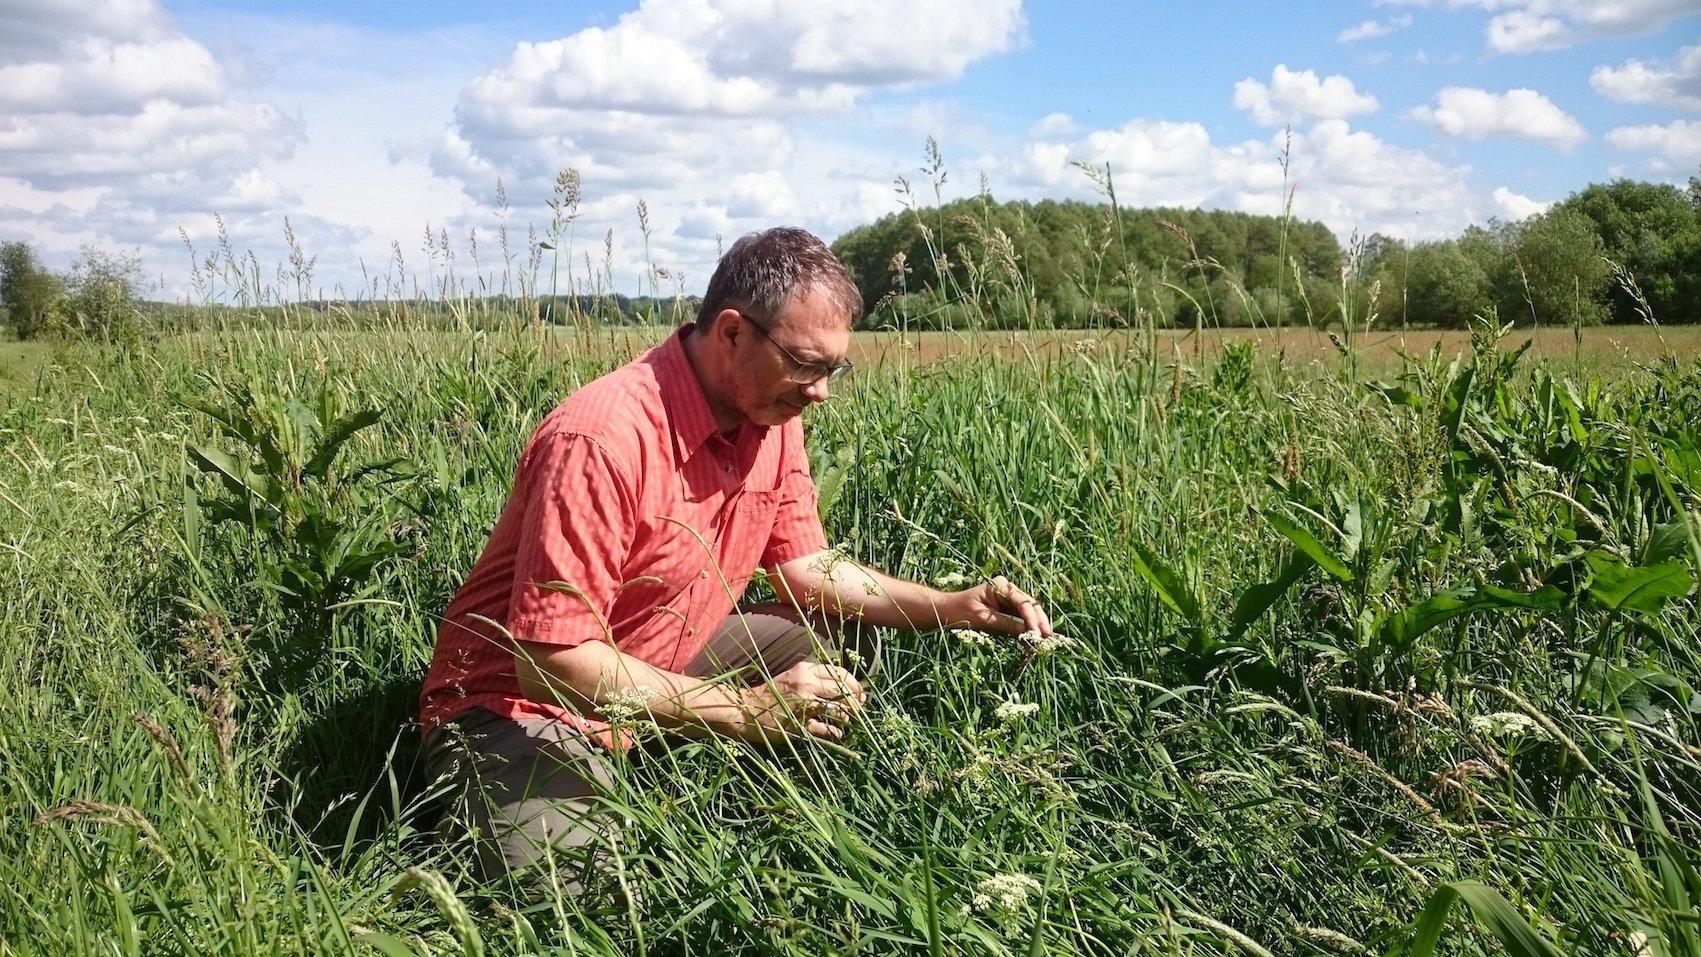 Der Biologe Jens Dauber kniet in einem Feld und schaut sich Gräser an.